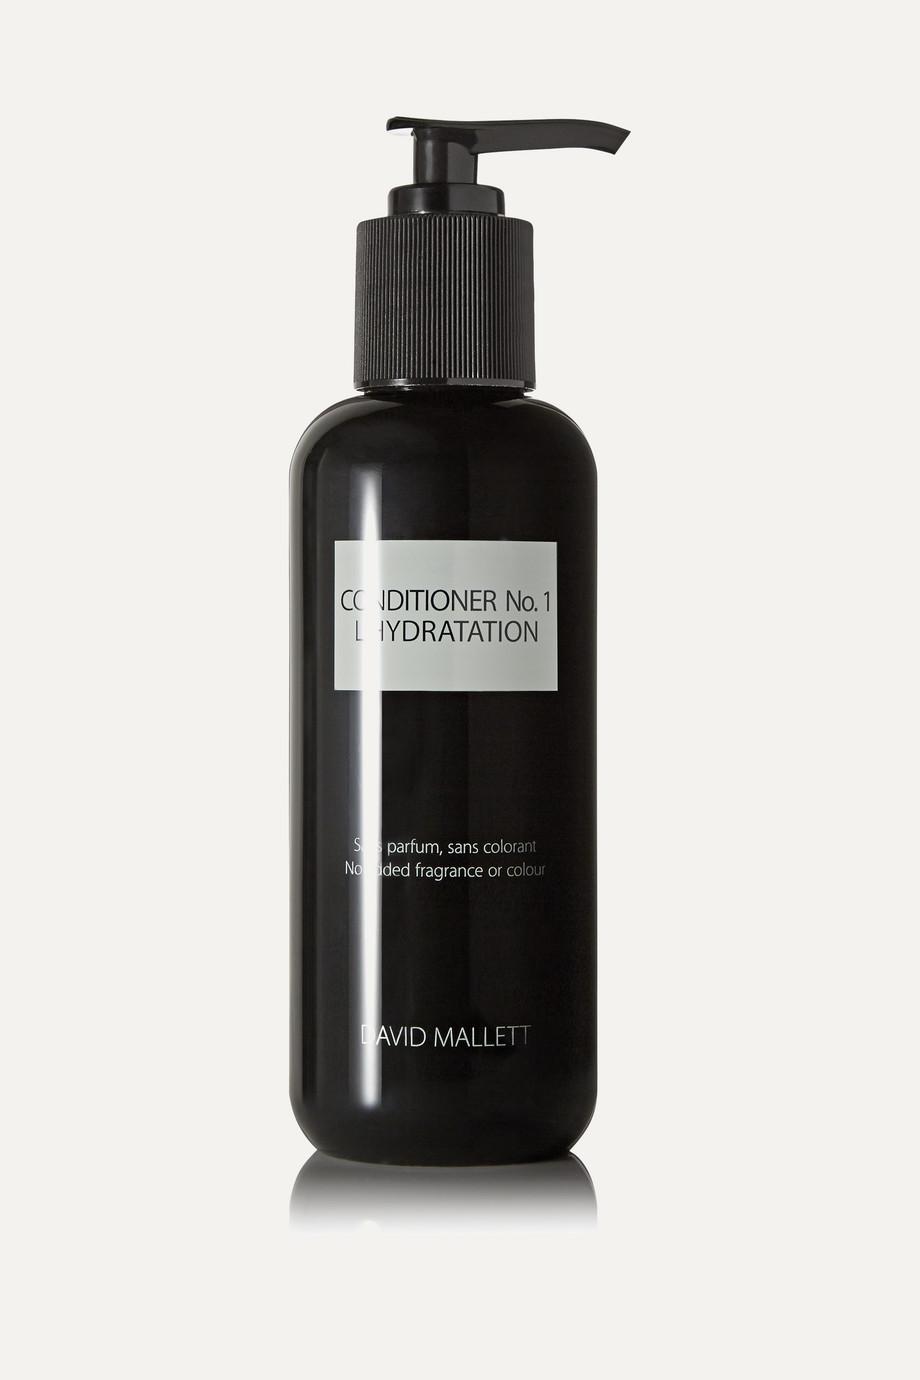 David Mallett Conditioner No.1: L'Hydratation, 250 ml – Conditioner